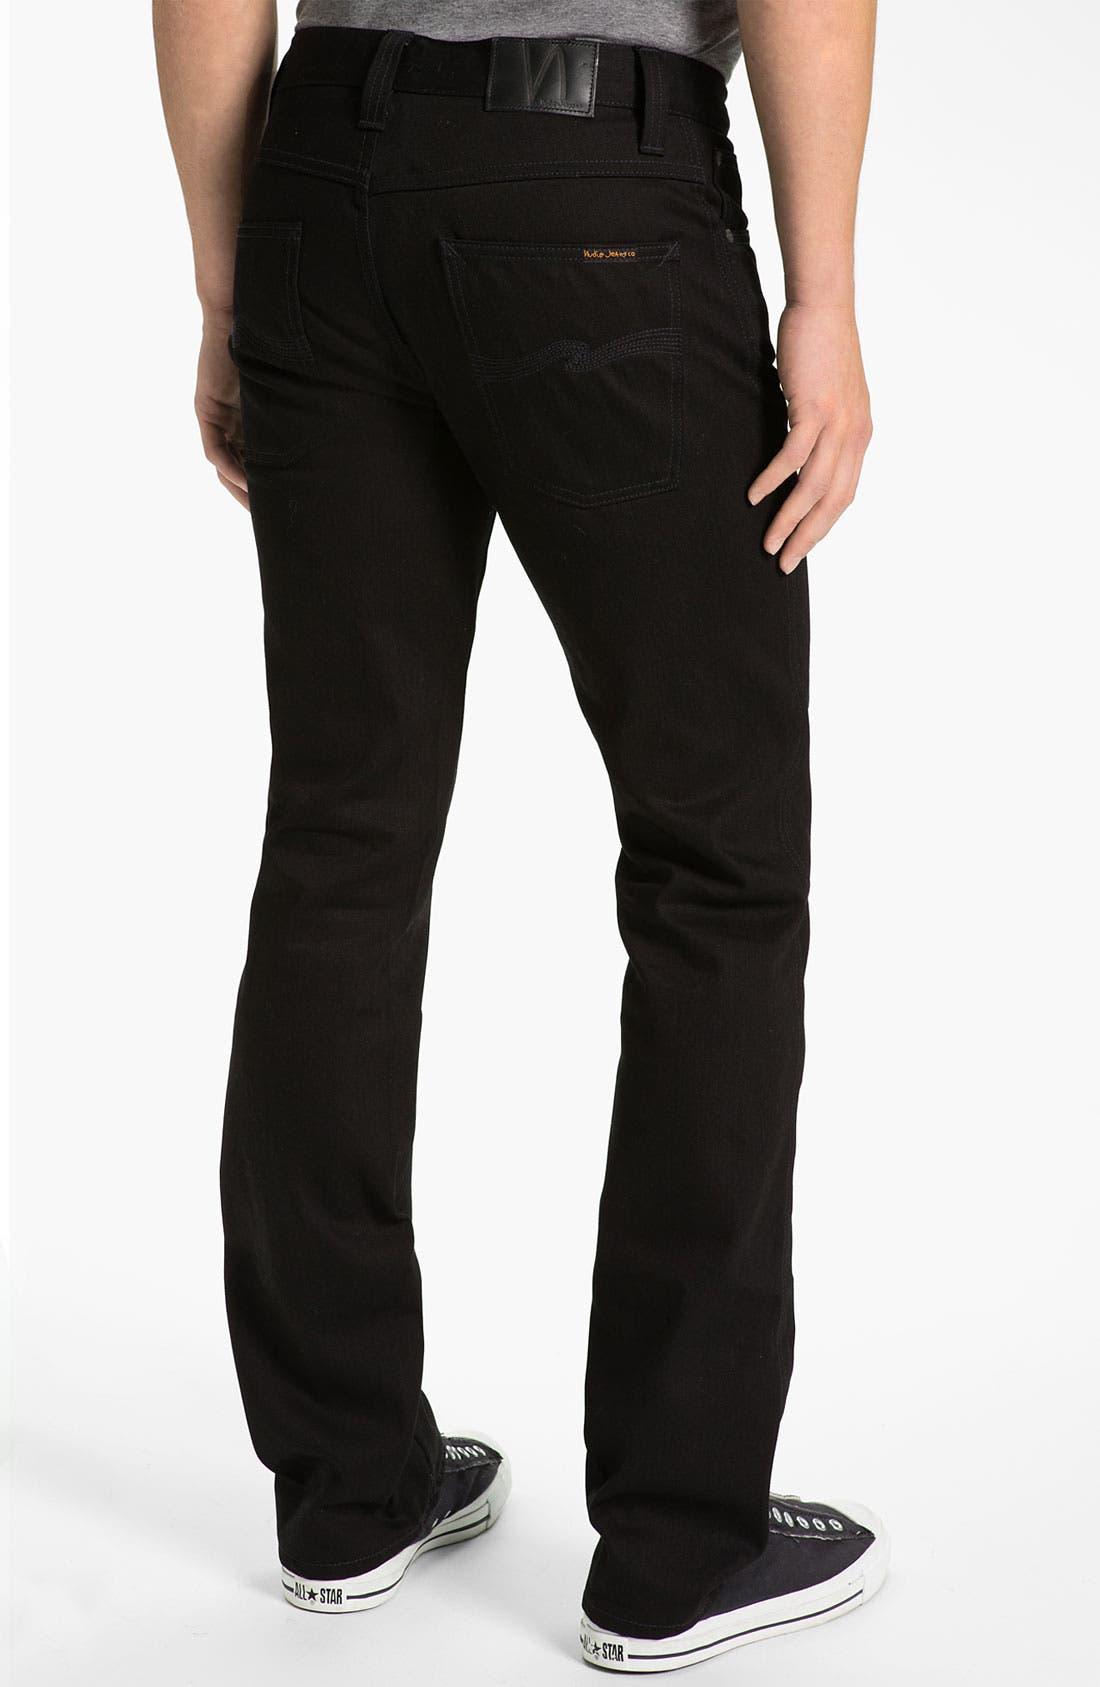 Main Image - Nudie Jeans 'Slim Jim' Slim Fit Jeans (Organic Dry Black)